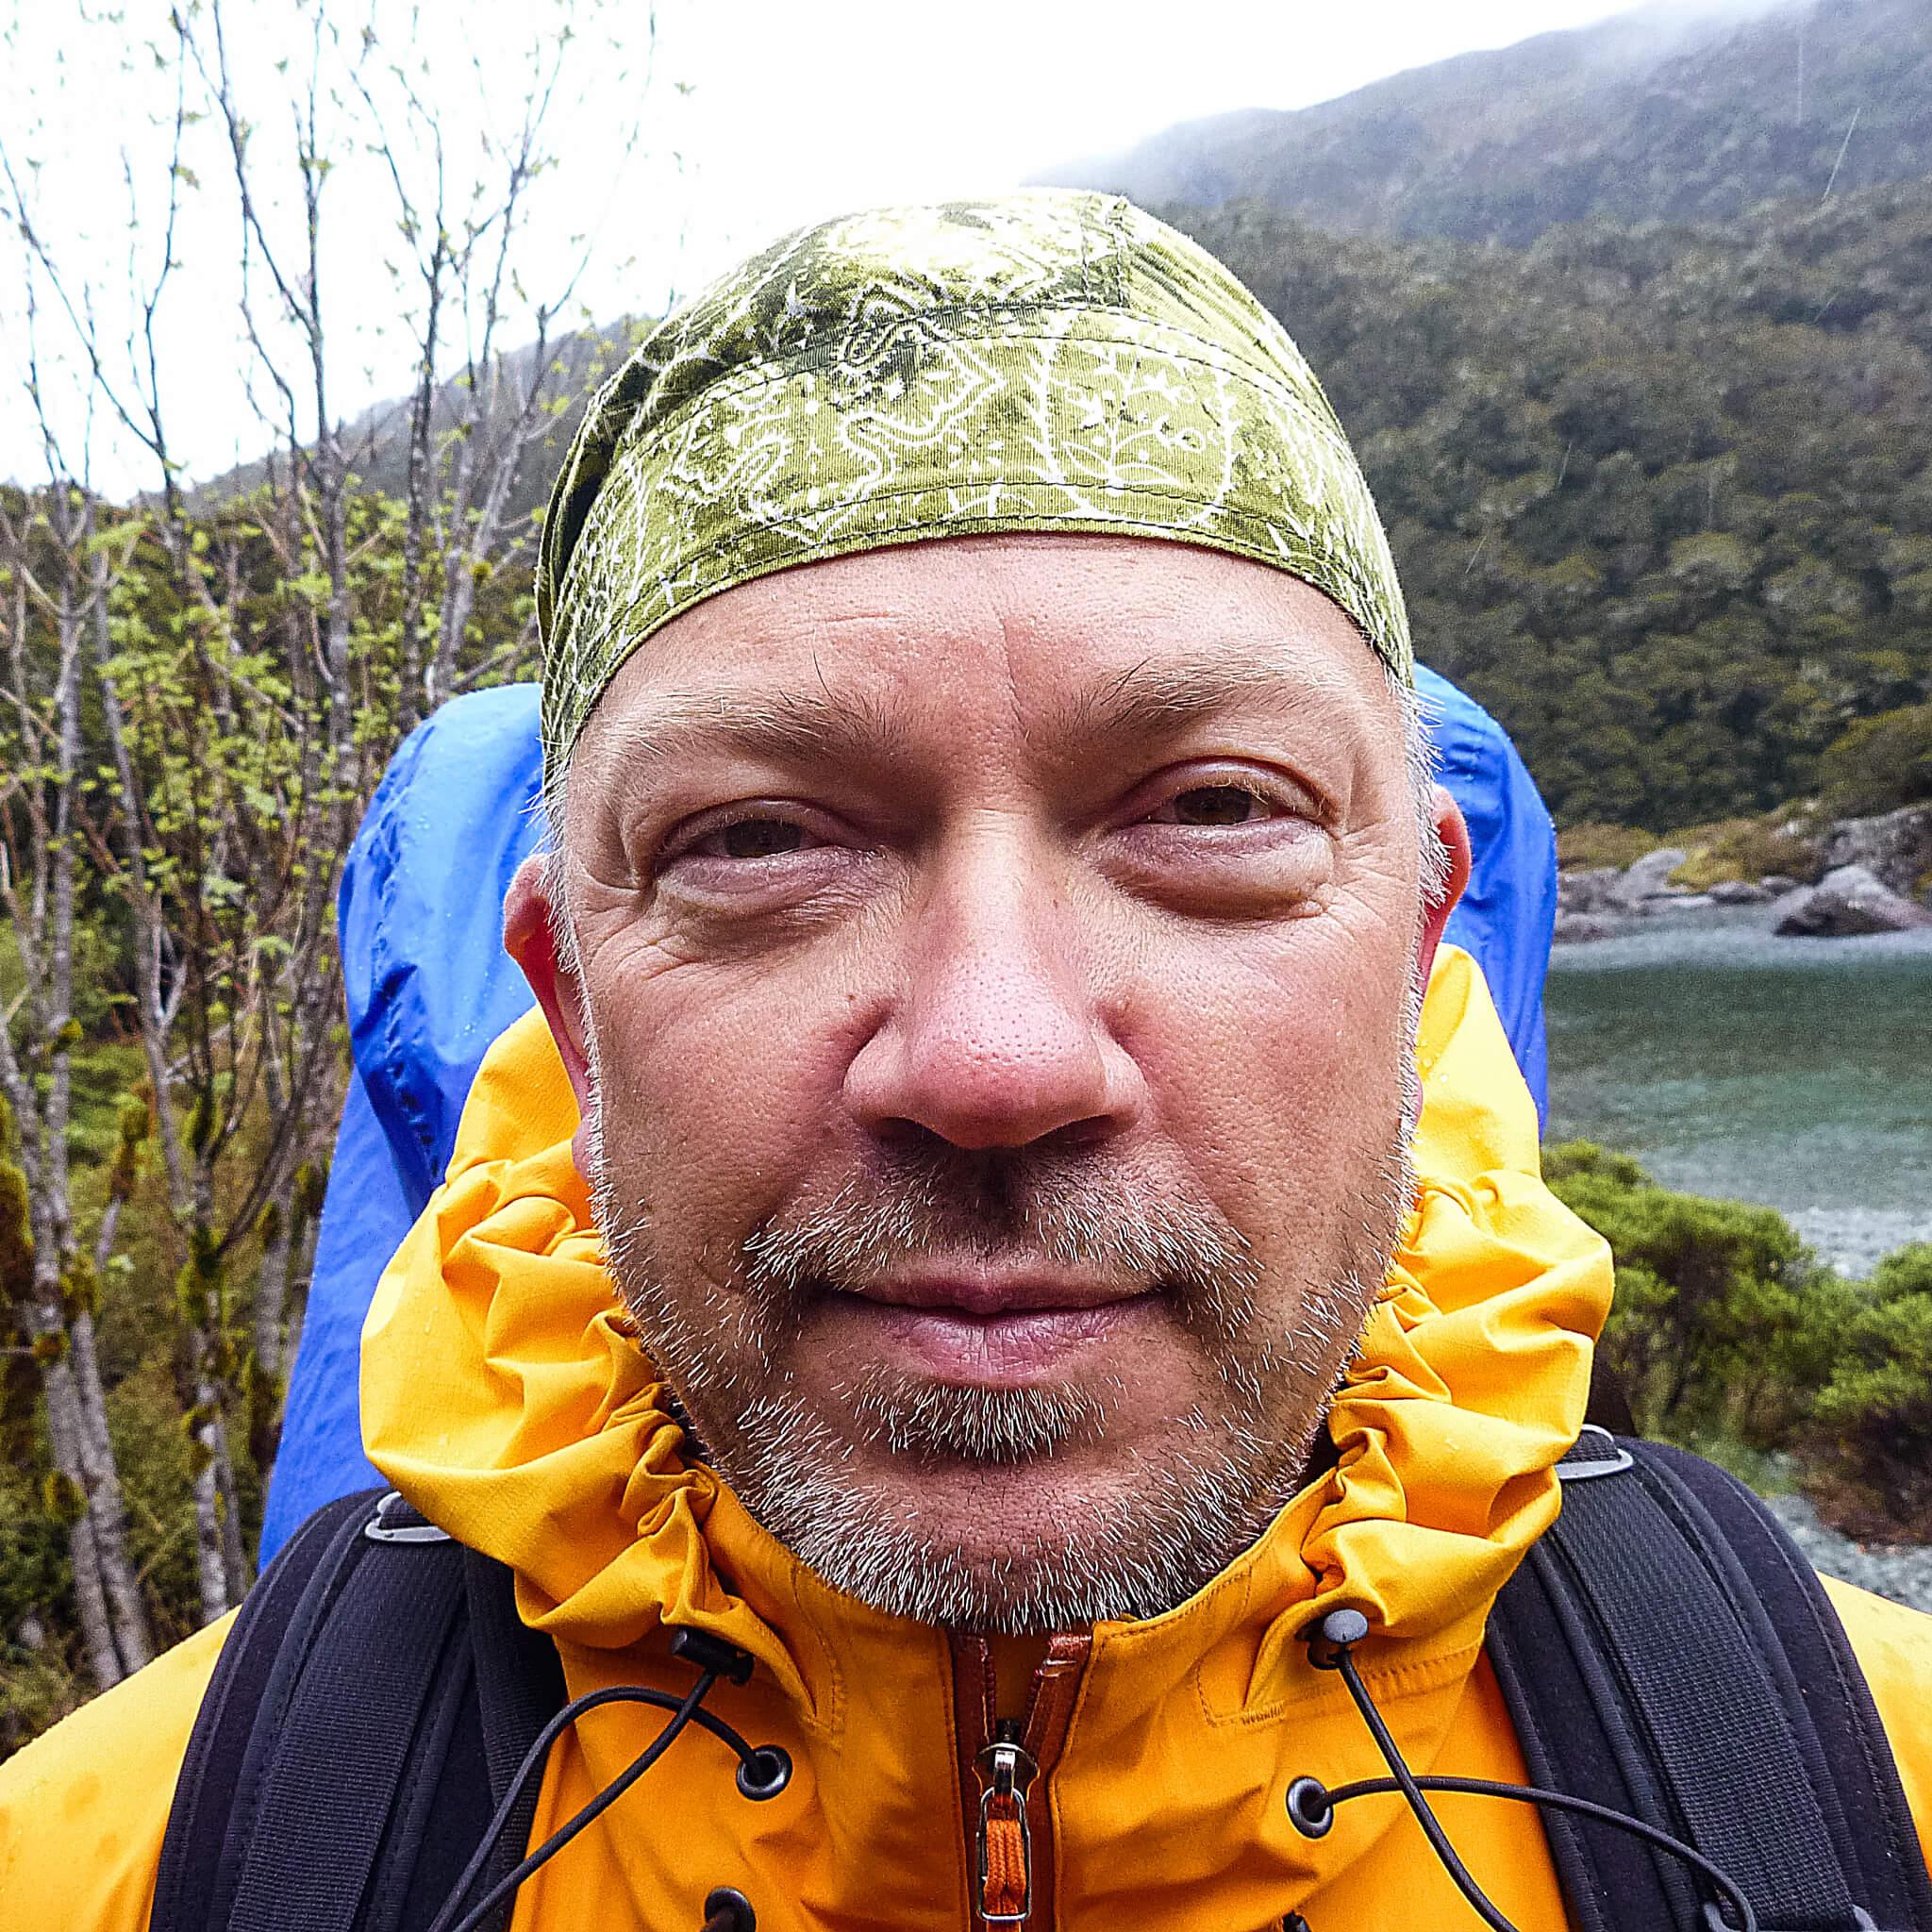 Michael Jennek